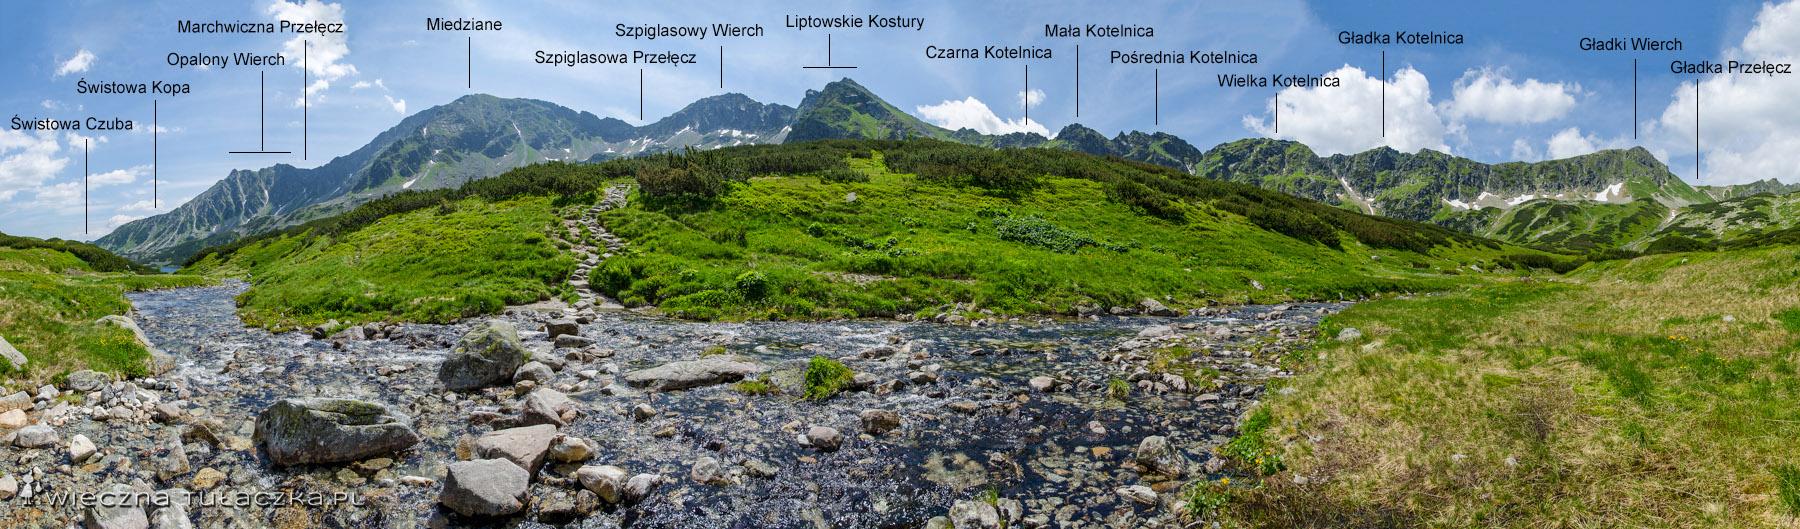 Dolina Pięciu Stawów, szlak na Szpiglasową Przełęcz